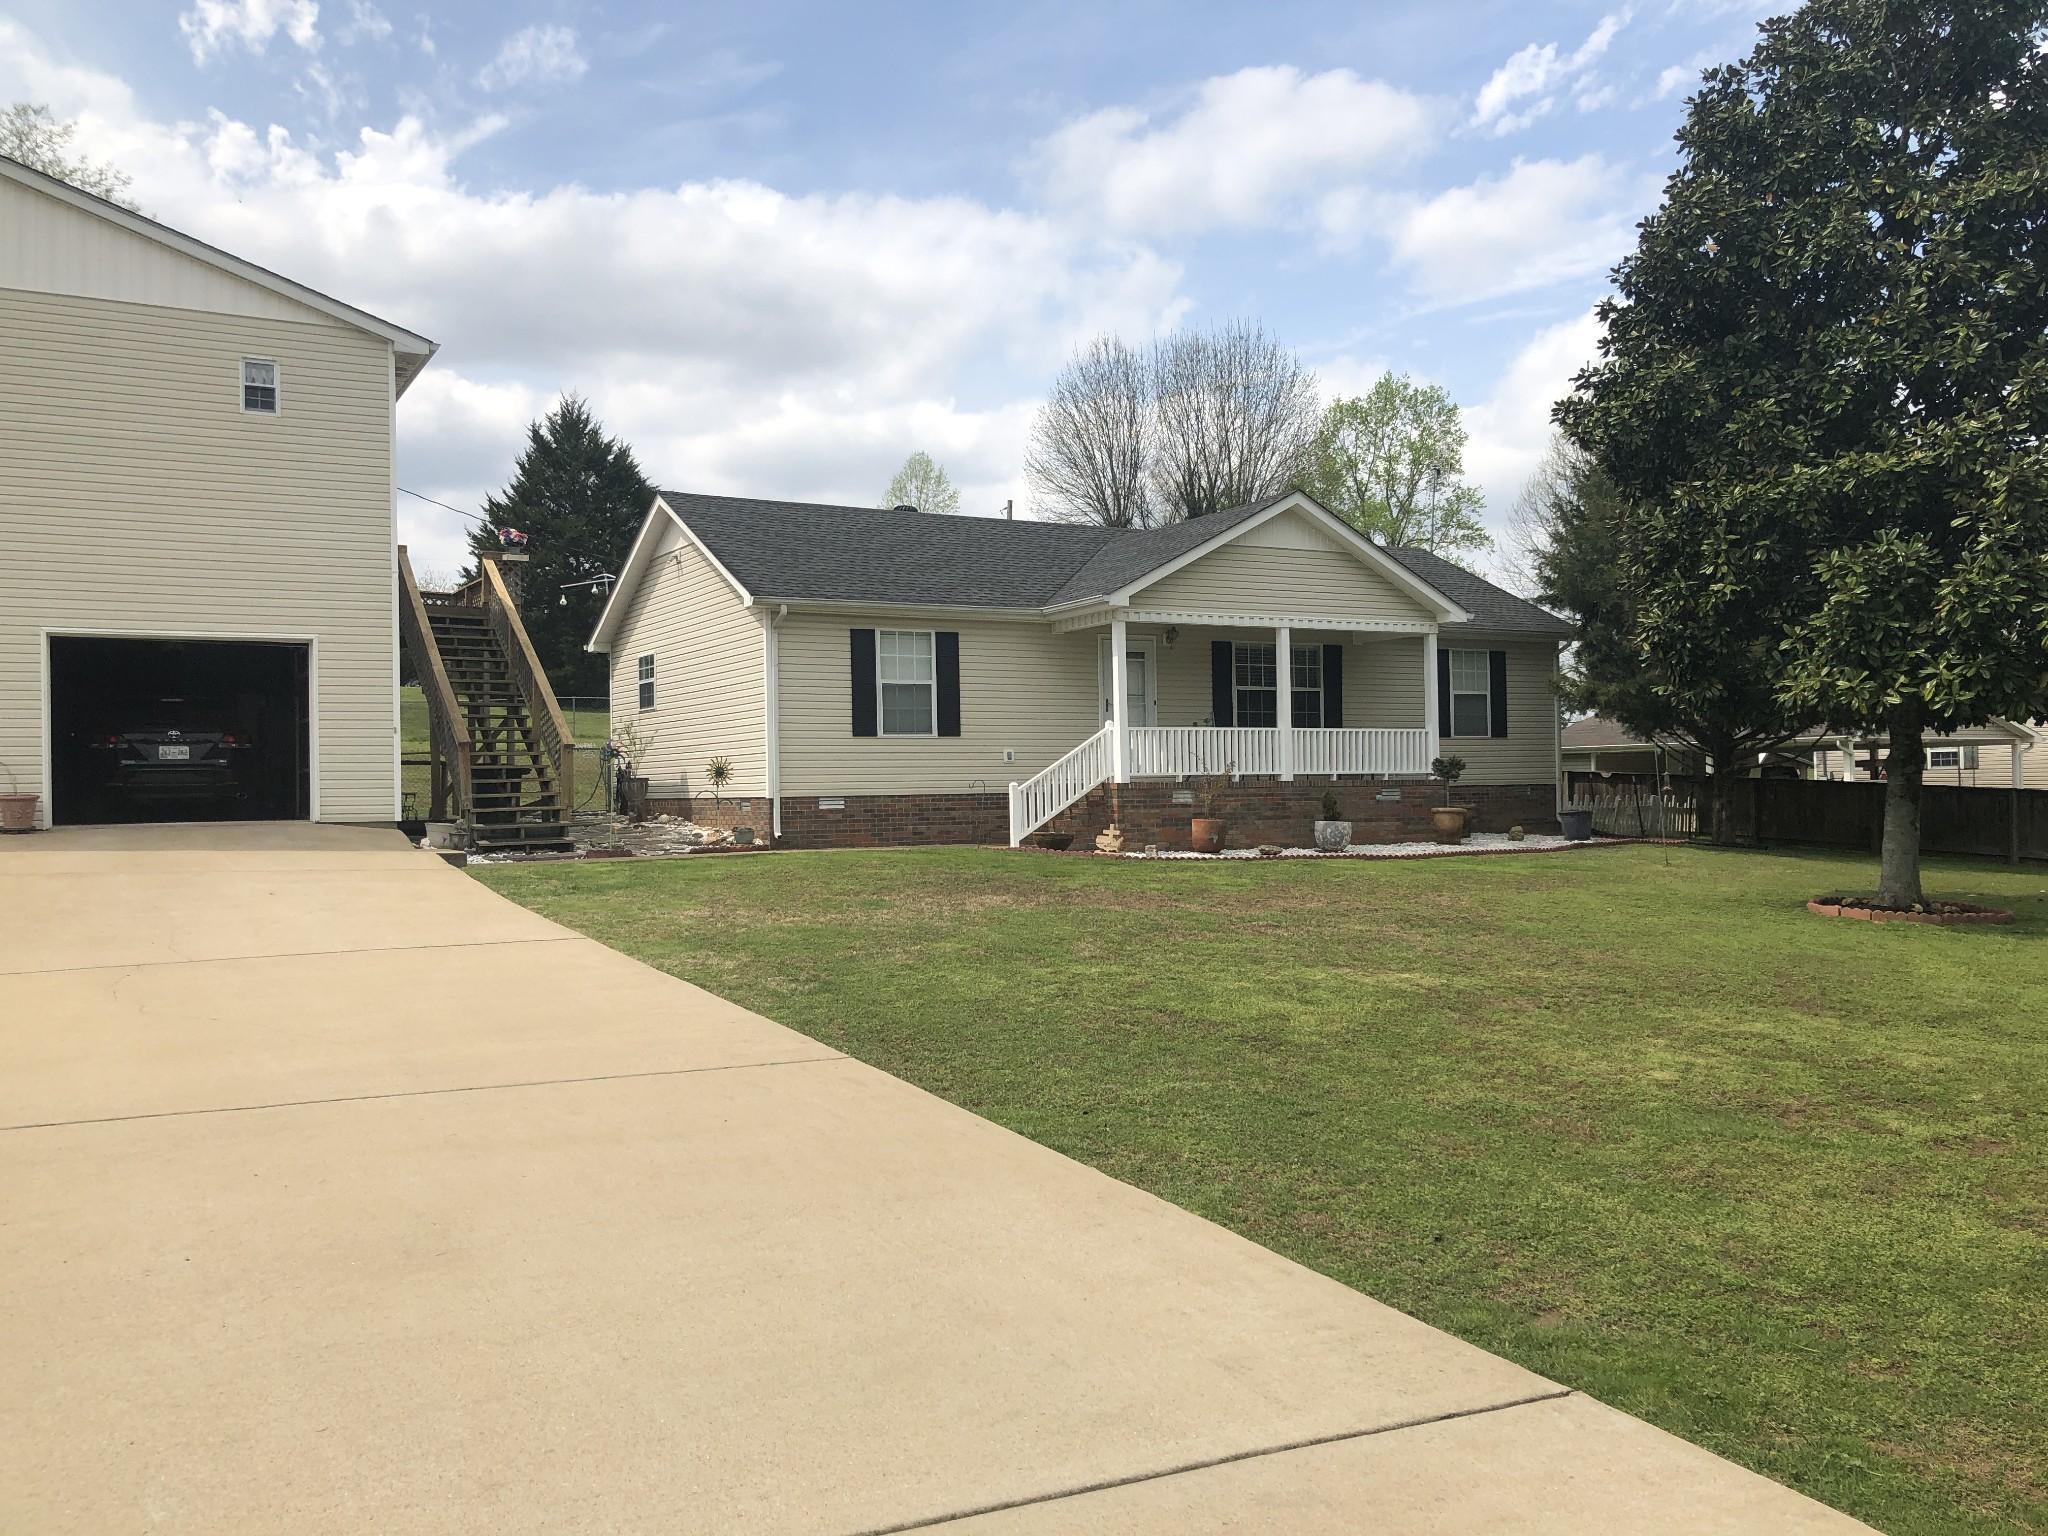 750 Abernathy Rd, Lynnville, TN 38472 - Lynnville, TN real estate listing